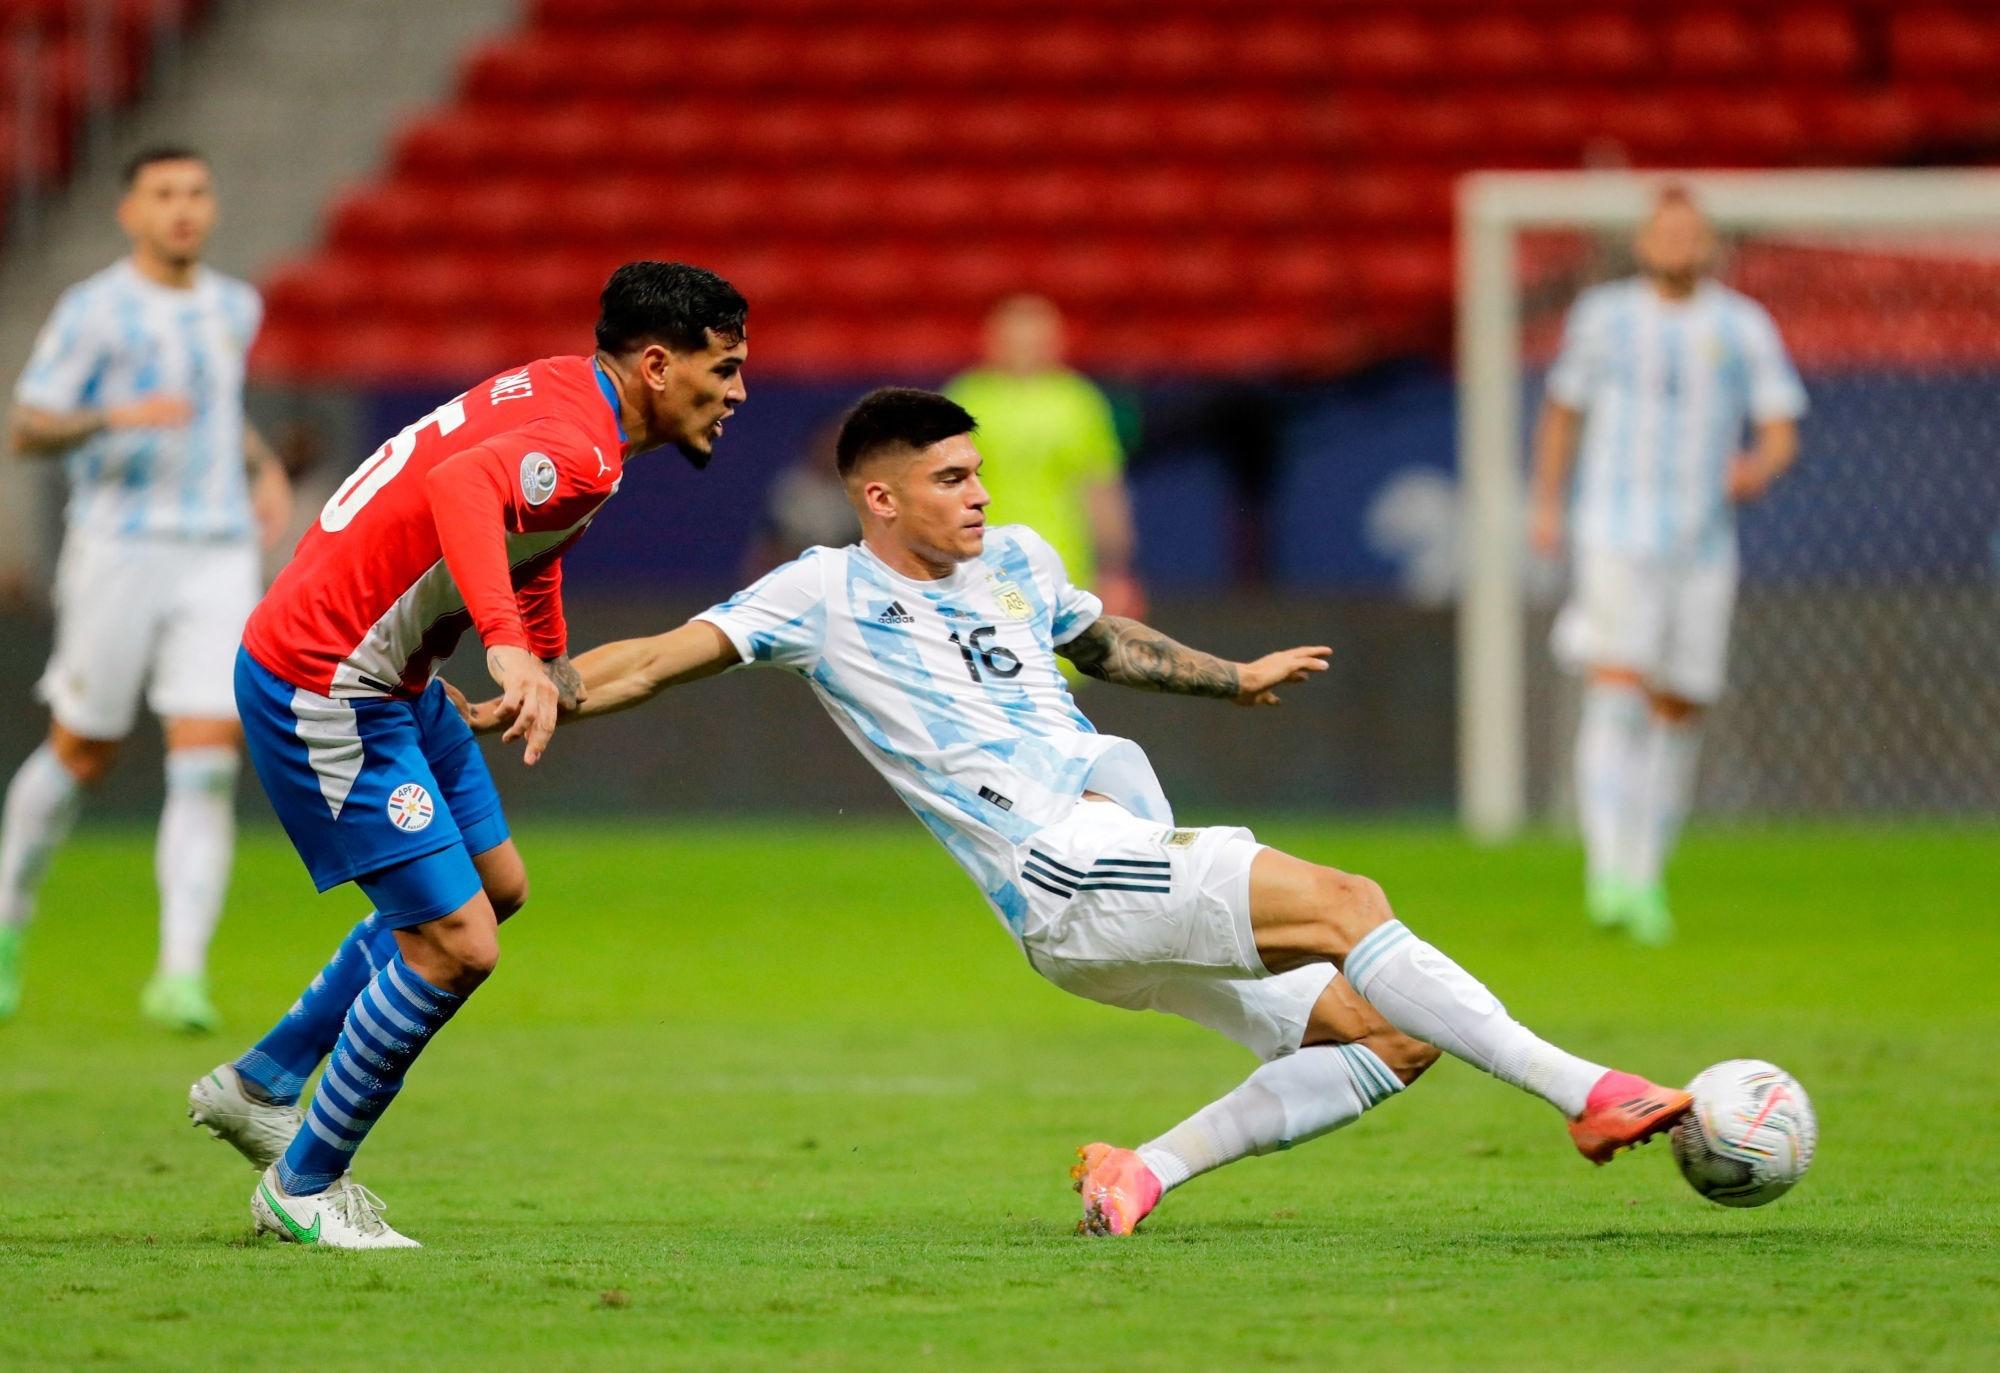 Mercato - Le PSG voudrait un échange pour Correa, mais Sarabia ne suffit pas